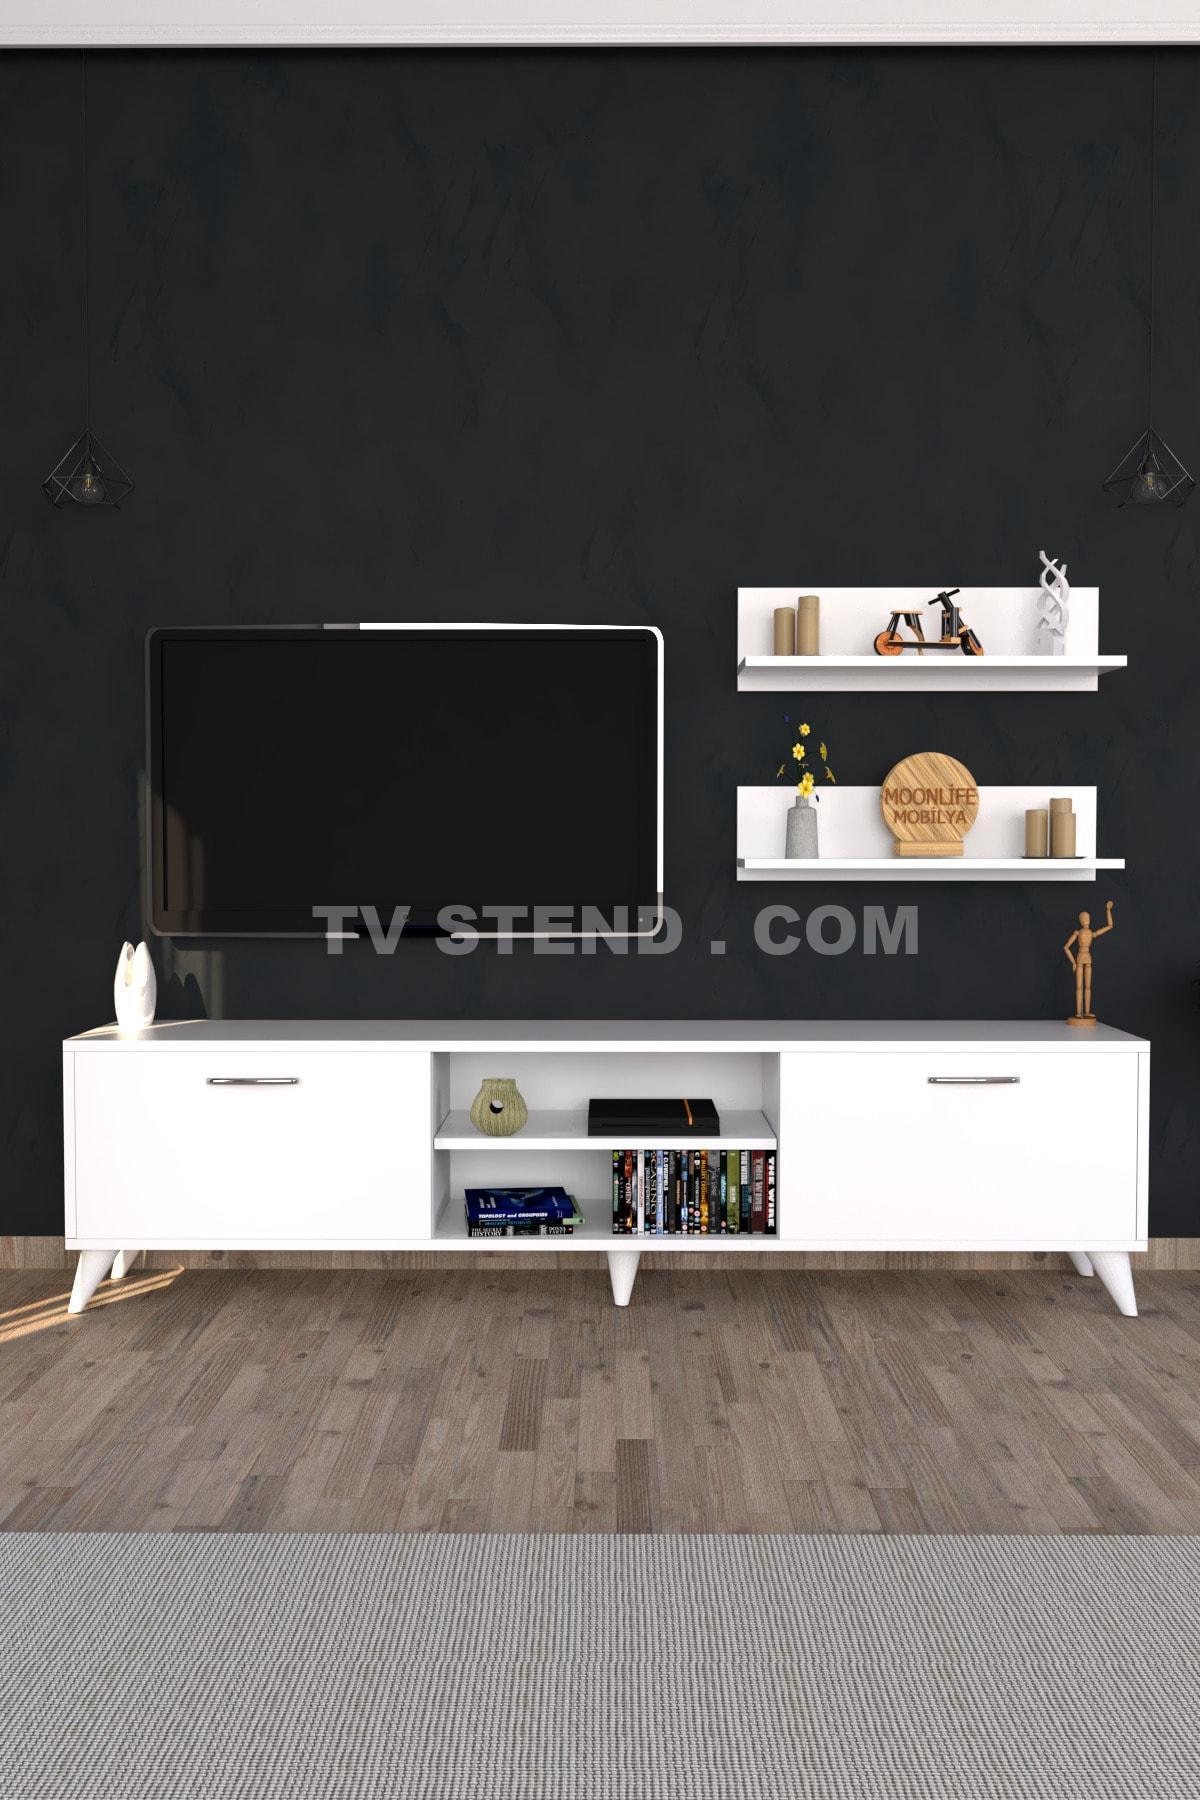 Zümrüd tv stend